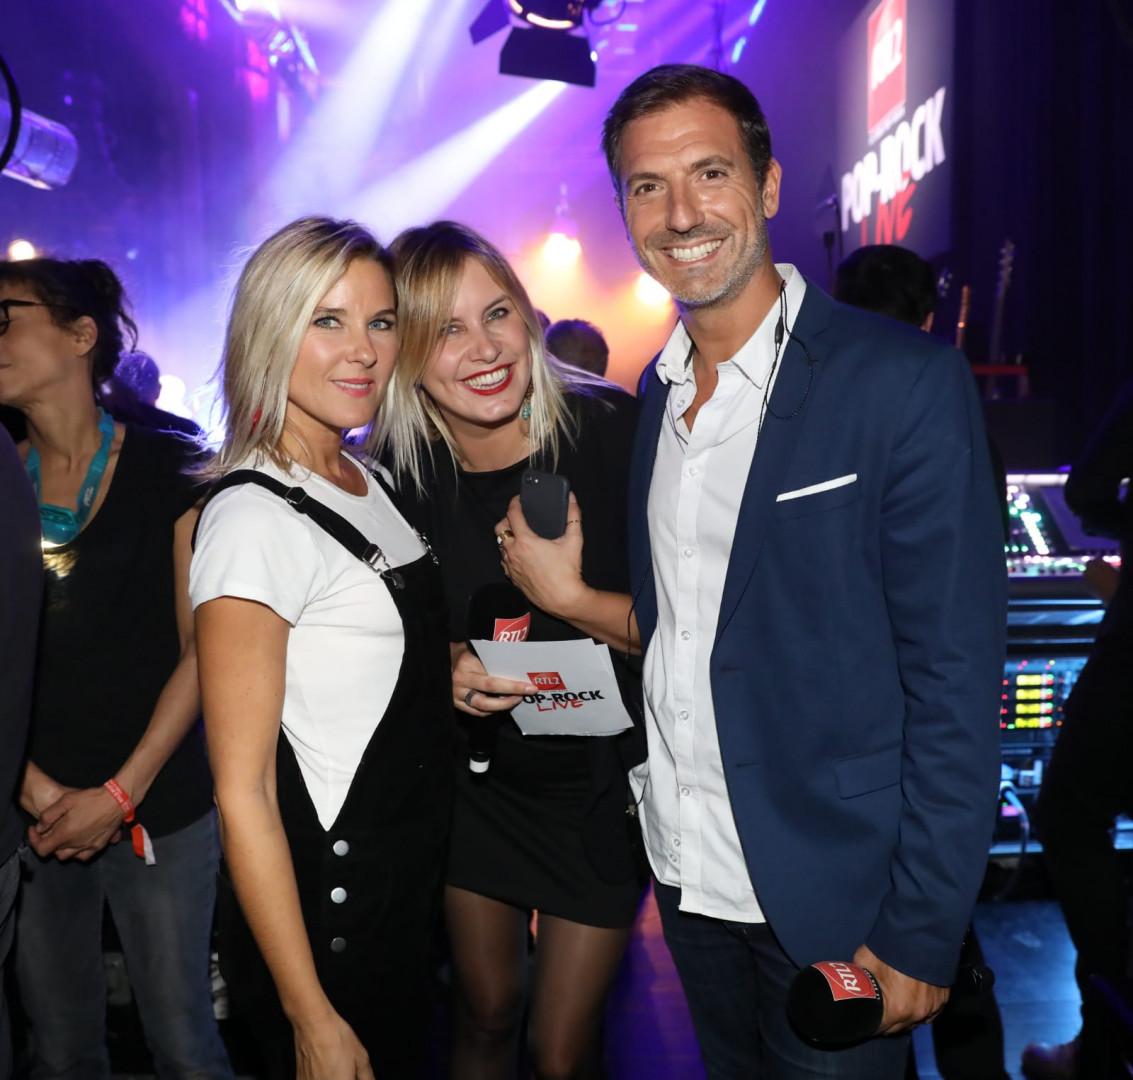 Stéphanie Renouvin, Justine Salmon et Grégory Ascher dans les coulisses du RTL2 Pop-Rock Live au Trianon